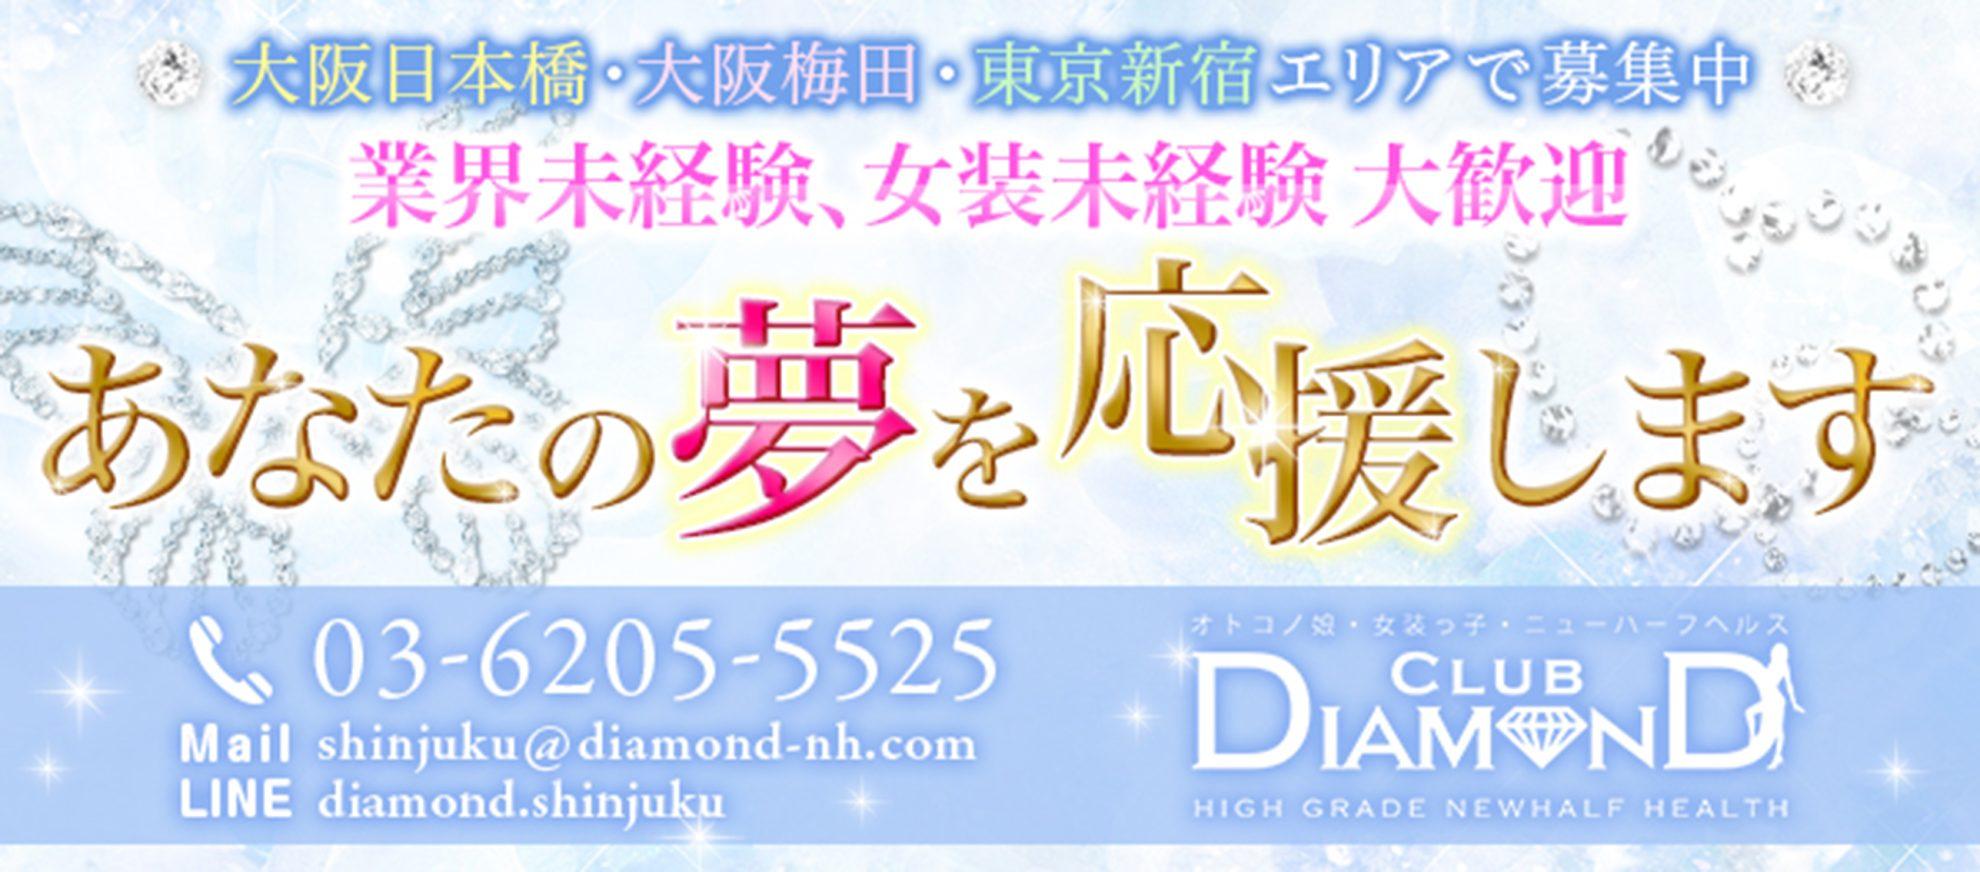 求人|東京新宿のニューハーフヘルスClub DIAMOND(クラブダイアモンド) ニューハーフ求人